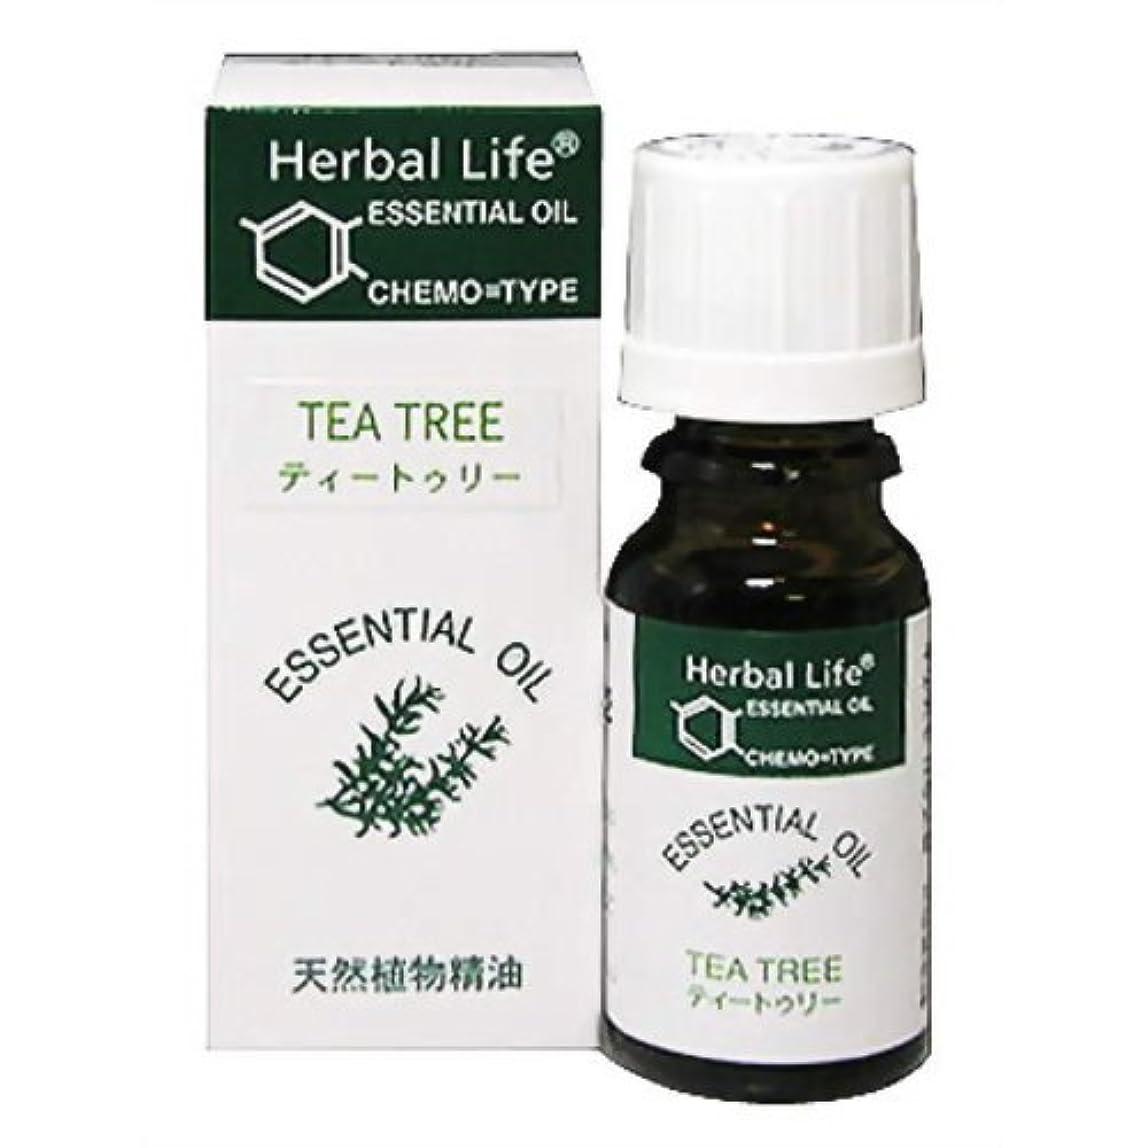 ペニー割れ目組立Herbal Life ティートゥリー 10ml